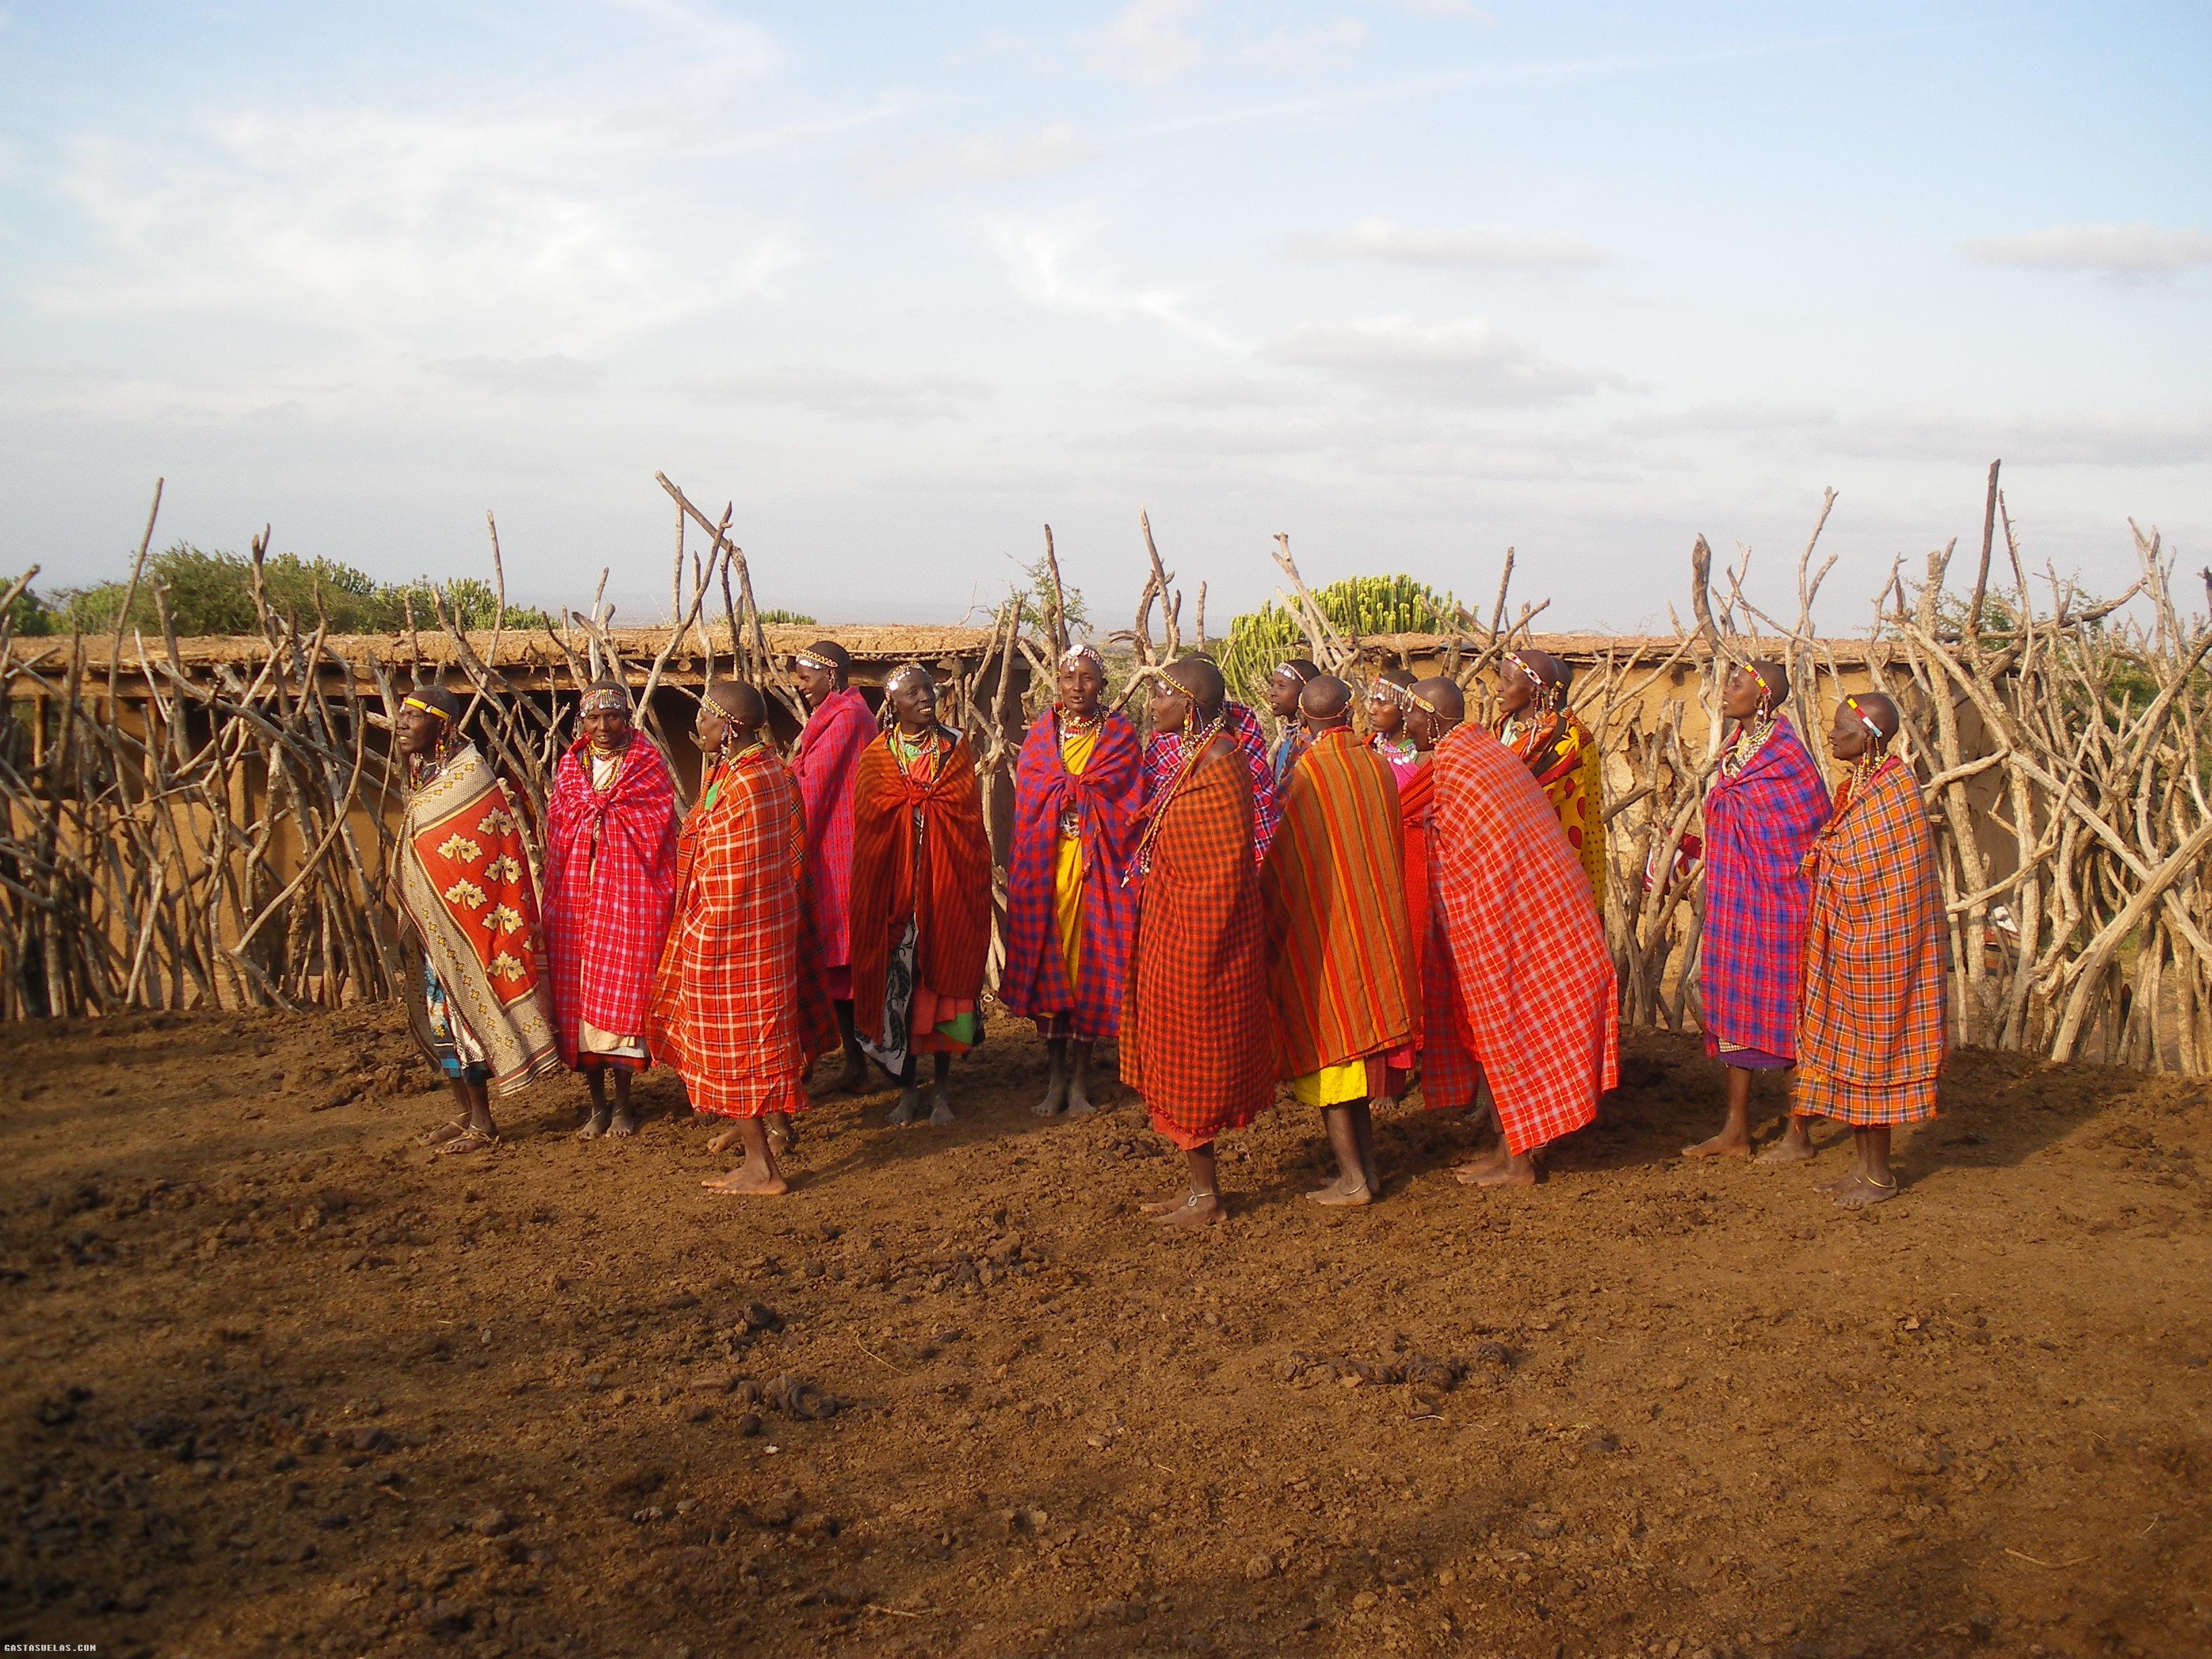 Maji Moto (Kenia) y la Boma de las Viudas Masai